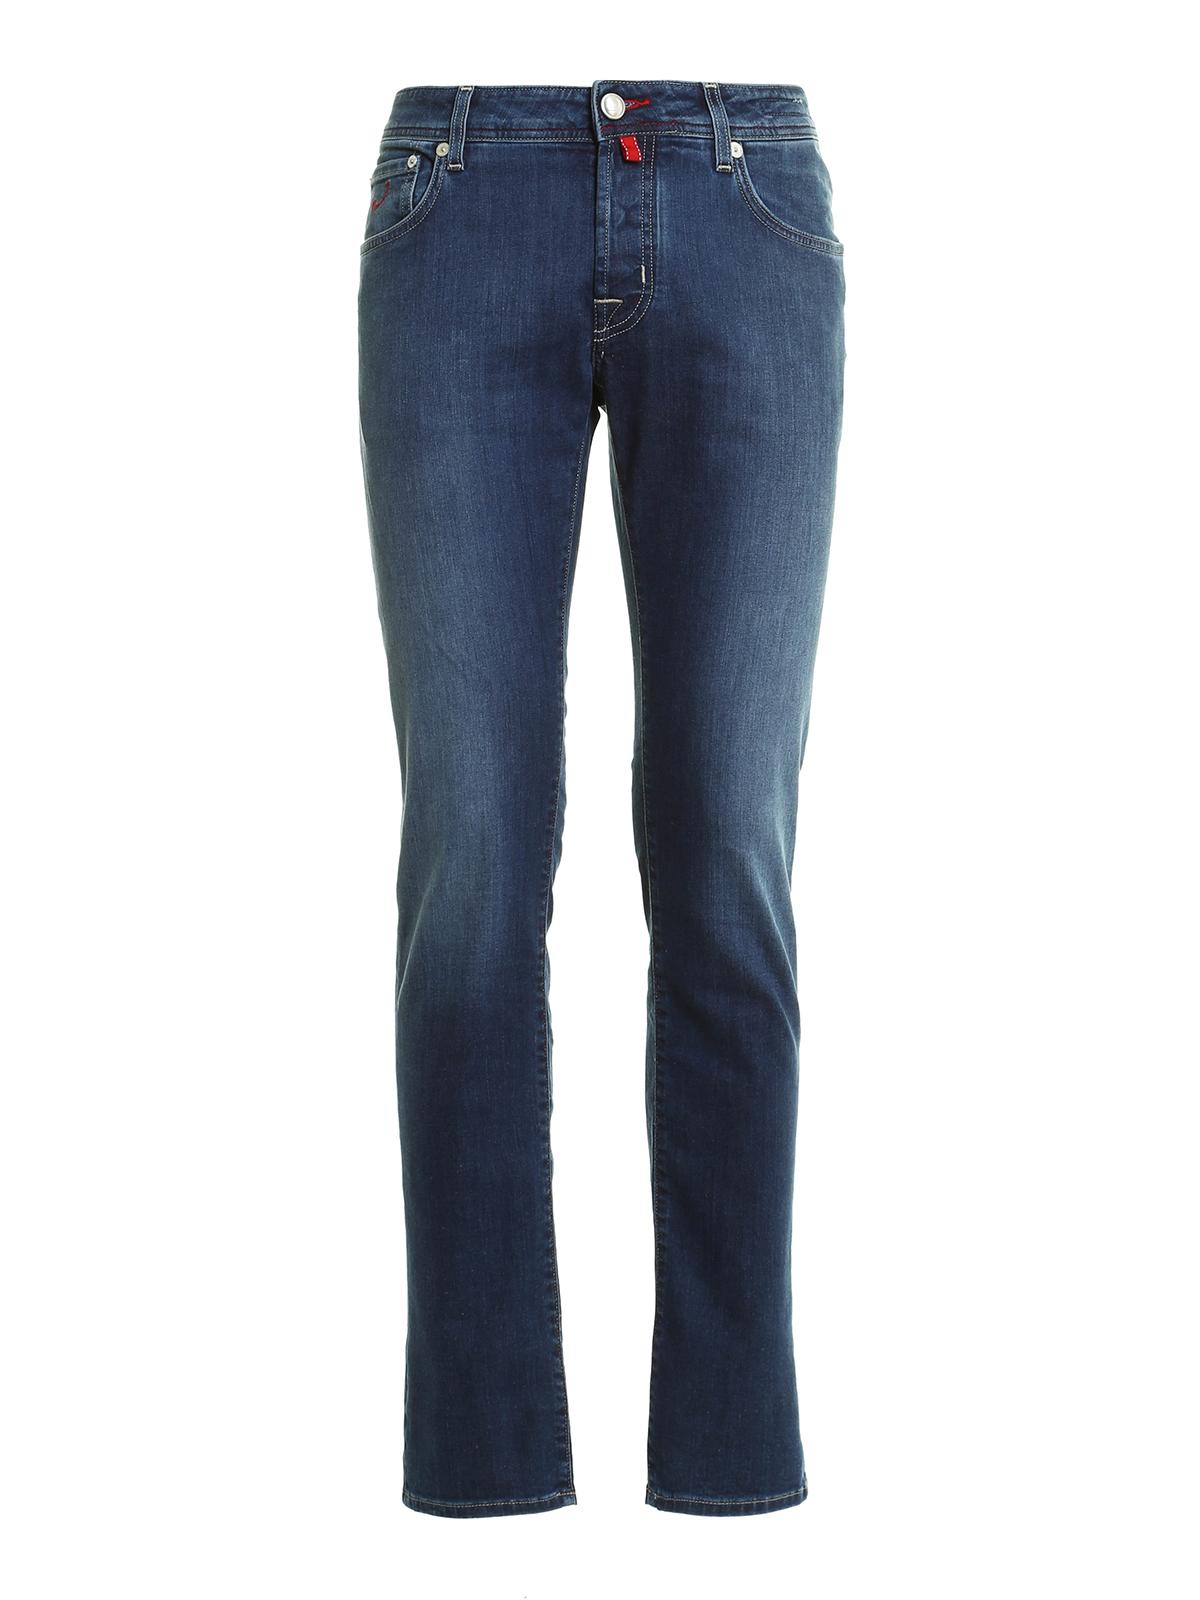 Pw622 denim jeans by jacob cohen straight leg jeans ikrix - Jacob cohen denim ...